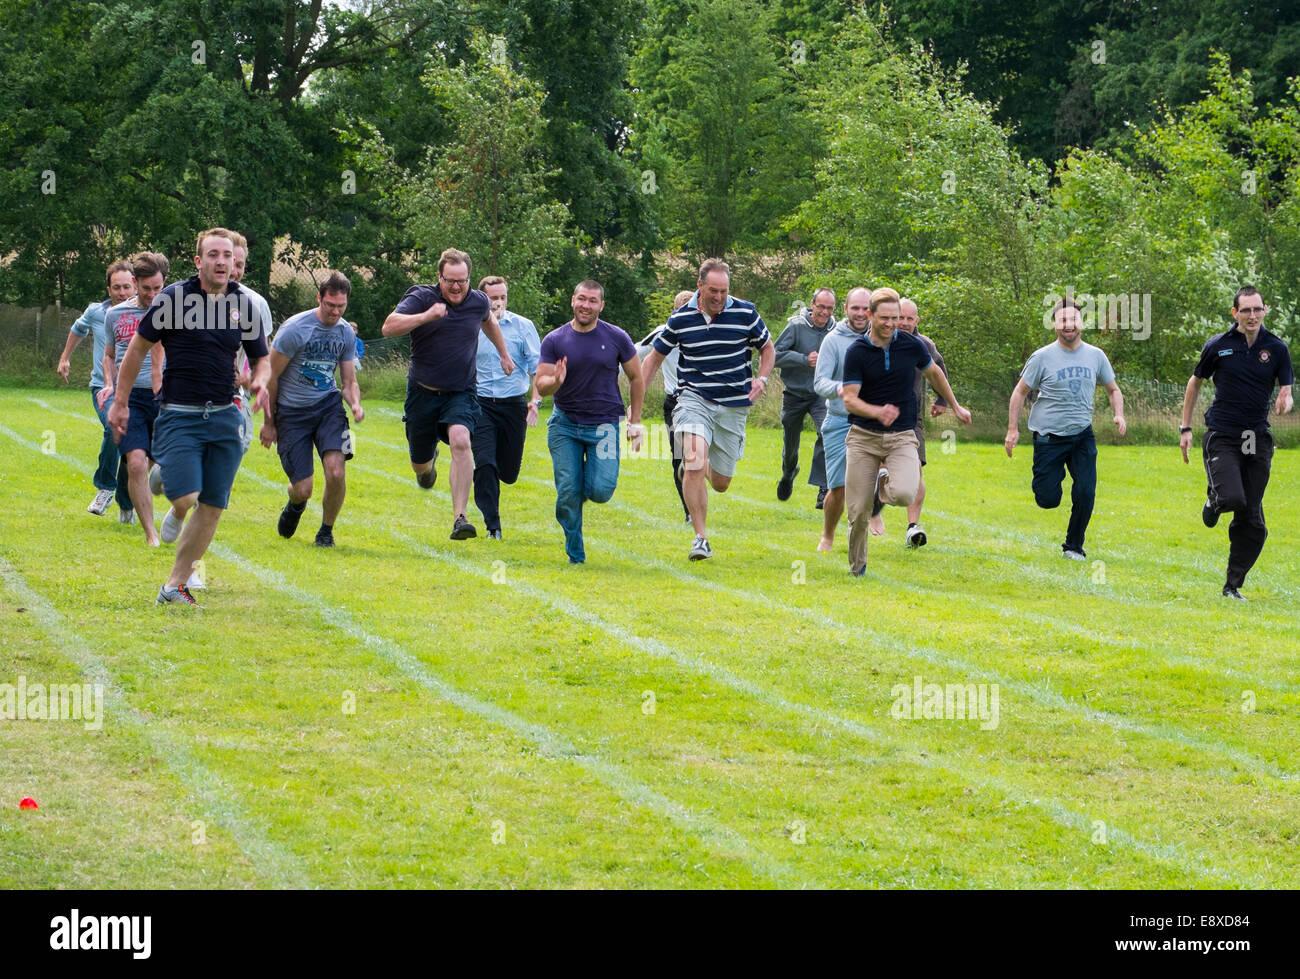 Les papas dans une course sur les parents d'une école maternelle sports le jour Shropshire en Angleterre Banque D'Images